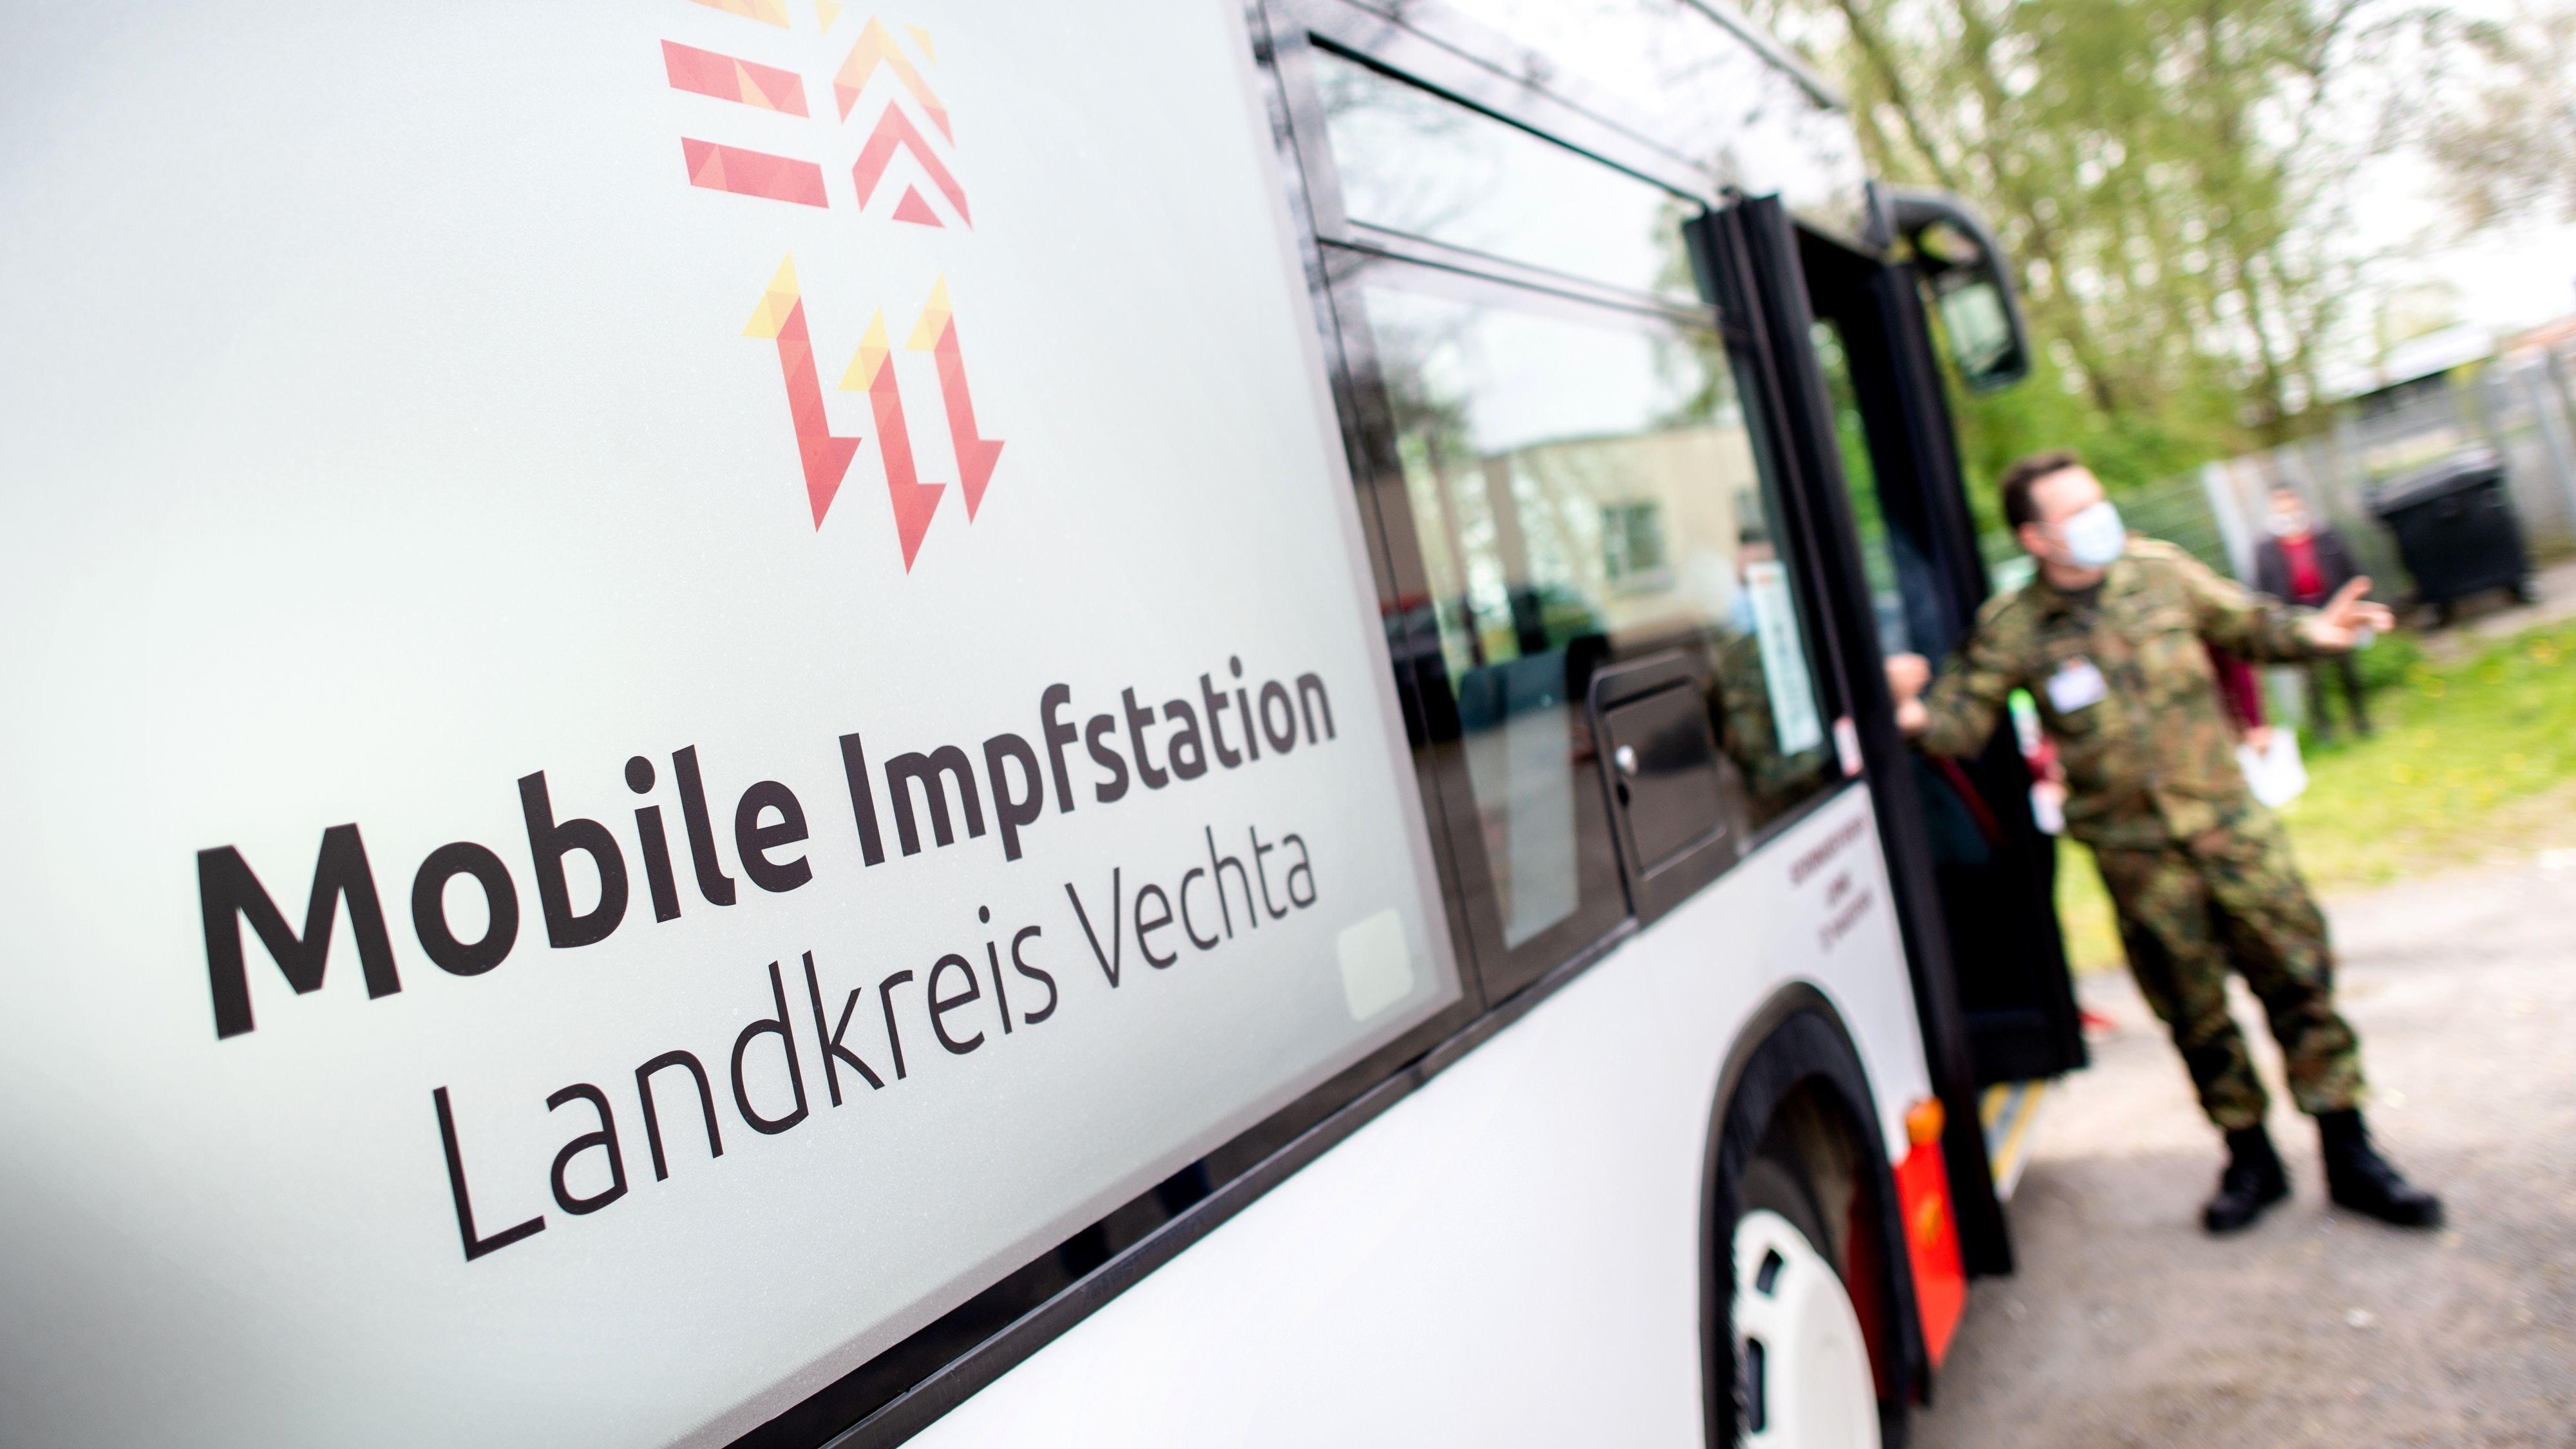 """""""Mobile Impfstation"""" seit Samstag im Einsatz: Mit dem Impfbus versucht der Landkreis Vechta Menschen in Gemeinschaftsunterkünften für eine Corona-Impfung zu gewinnen. Foto: dpa/Dittrich"""